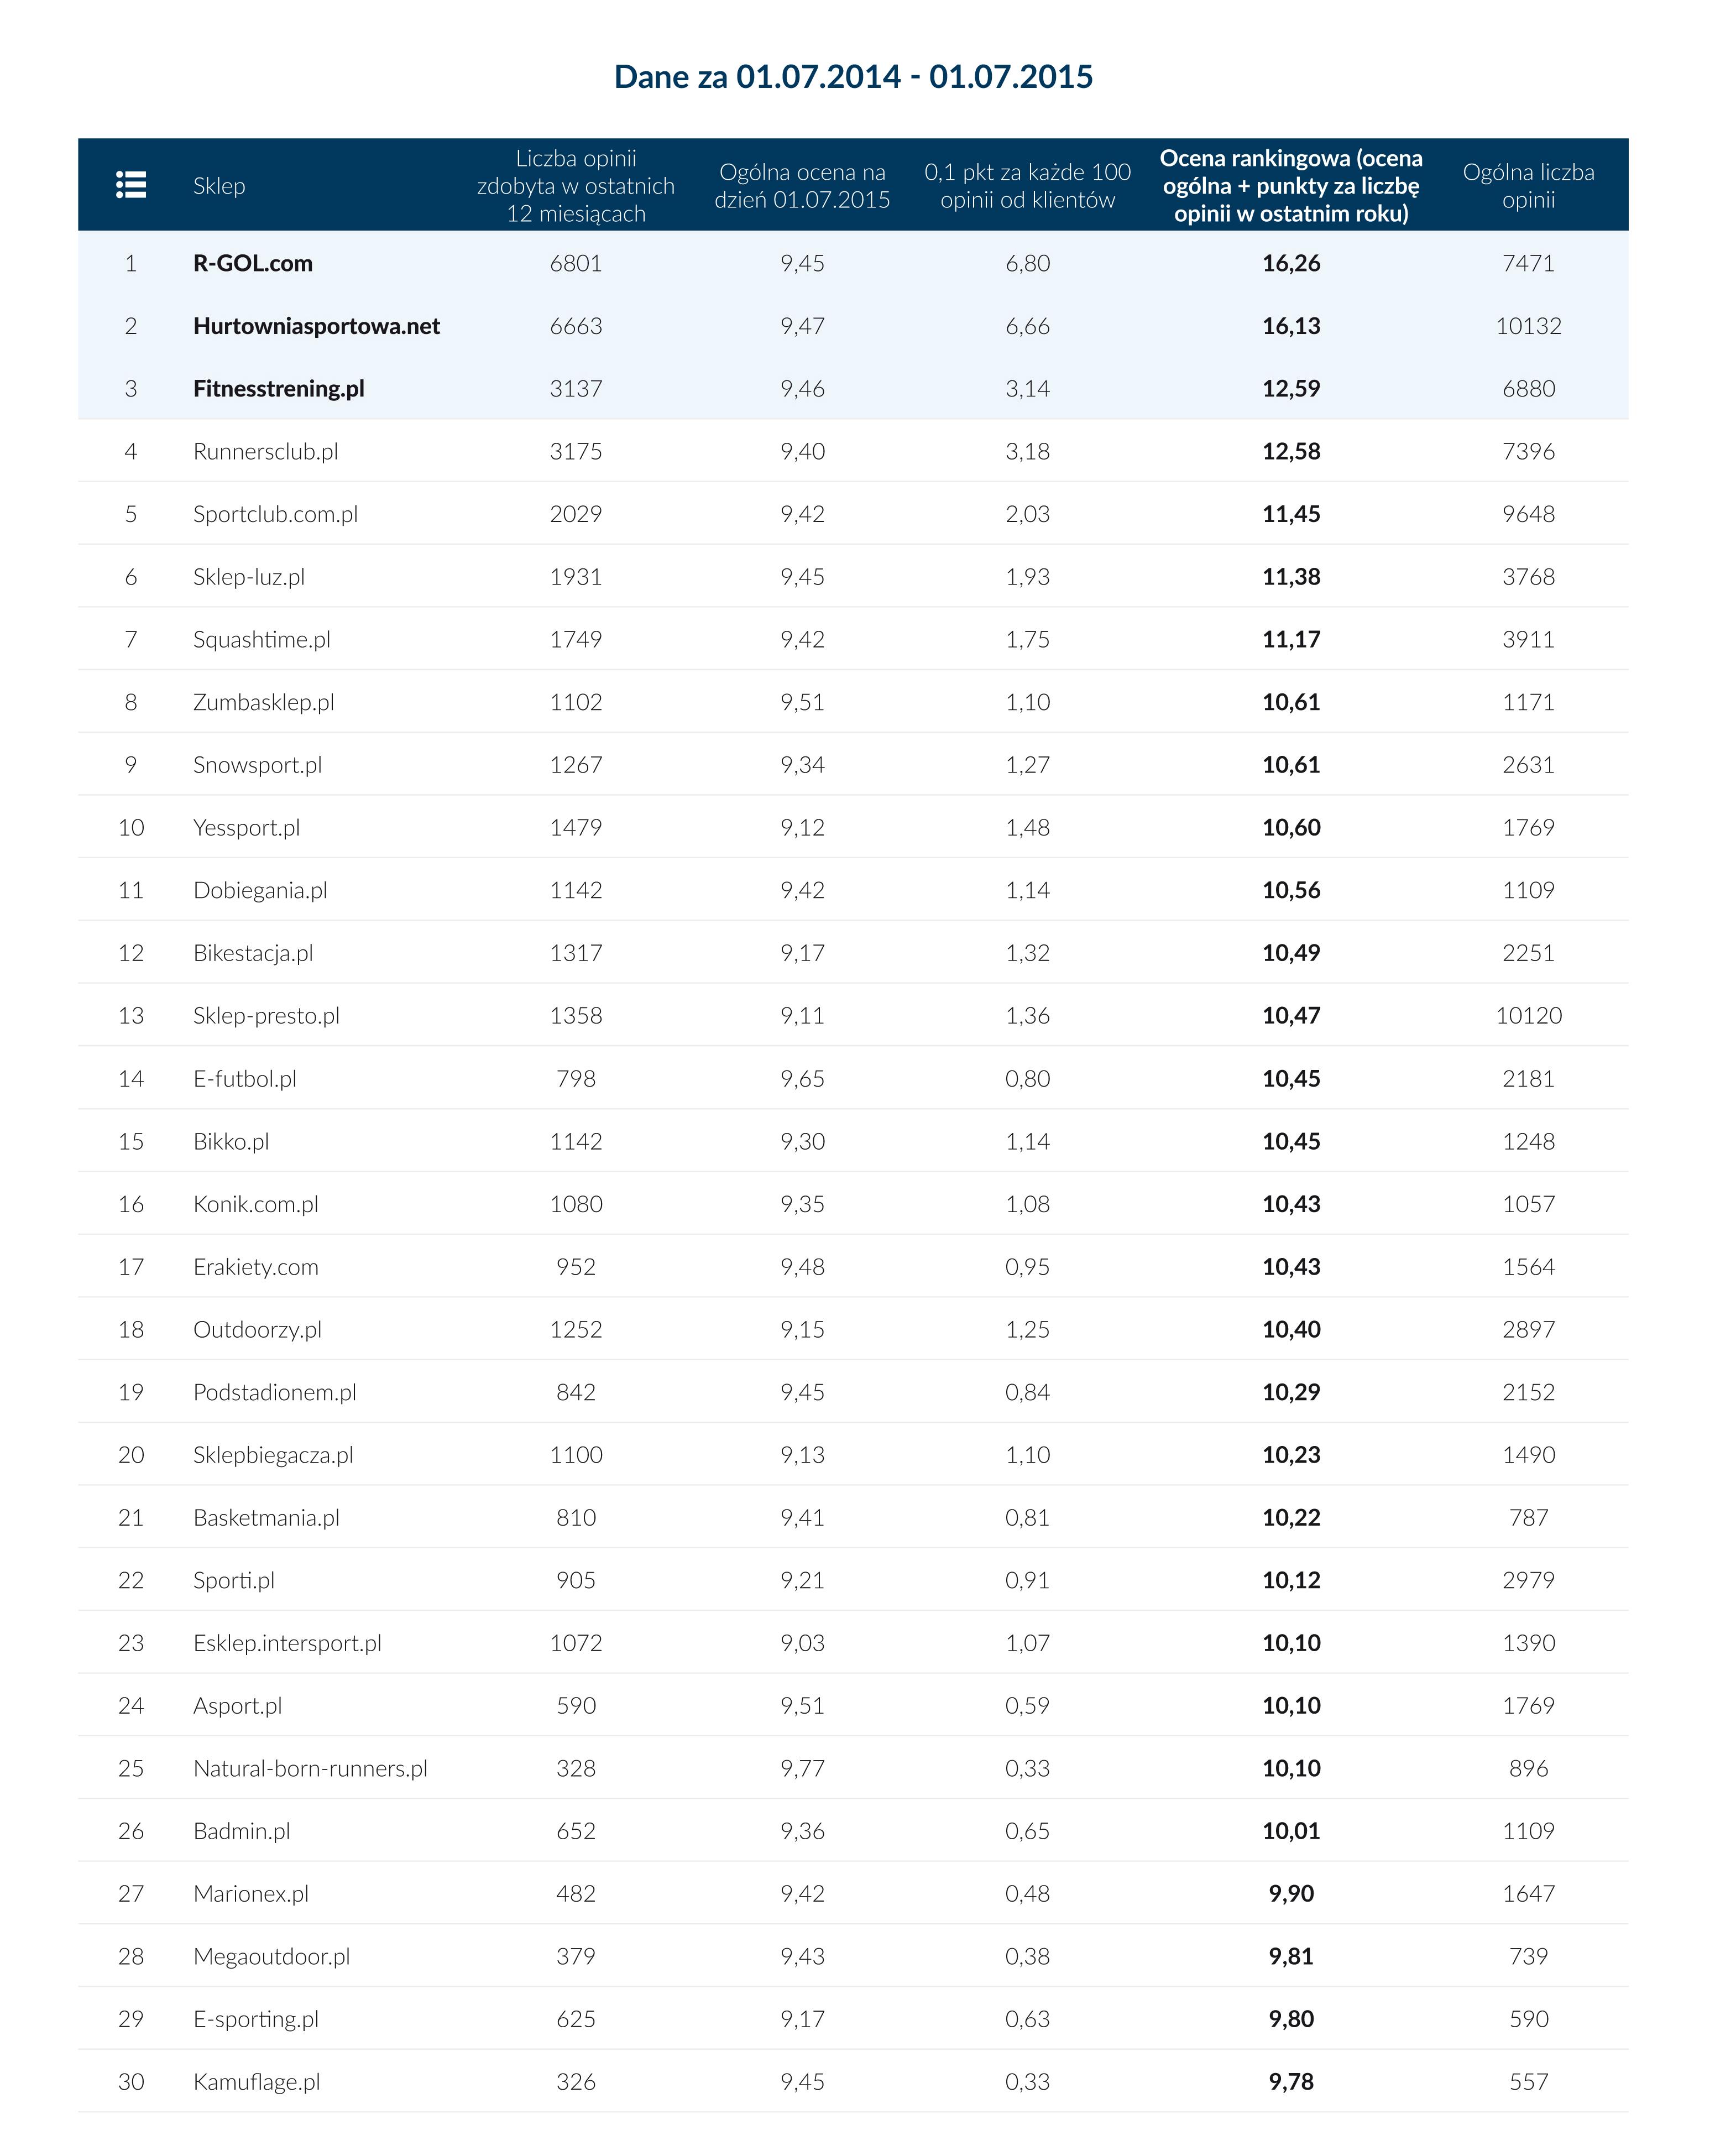 R-GOL.com, Hurtowniasportowa.net, Fitnesstrening.pl, Runnersclub.pl i Sportclub.com.pl to pierwsza piątka najlepiej ocenianych przez konsumentów internetowych sklepów sportowych w tegorocznym rankingu Opineo